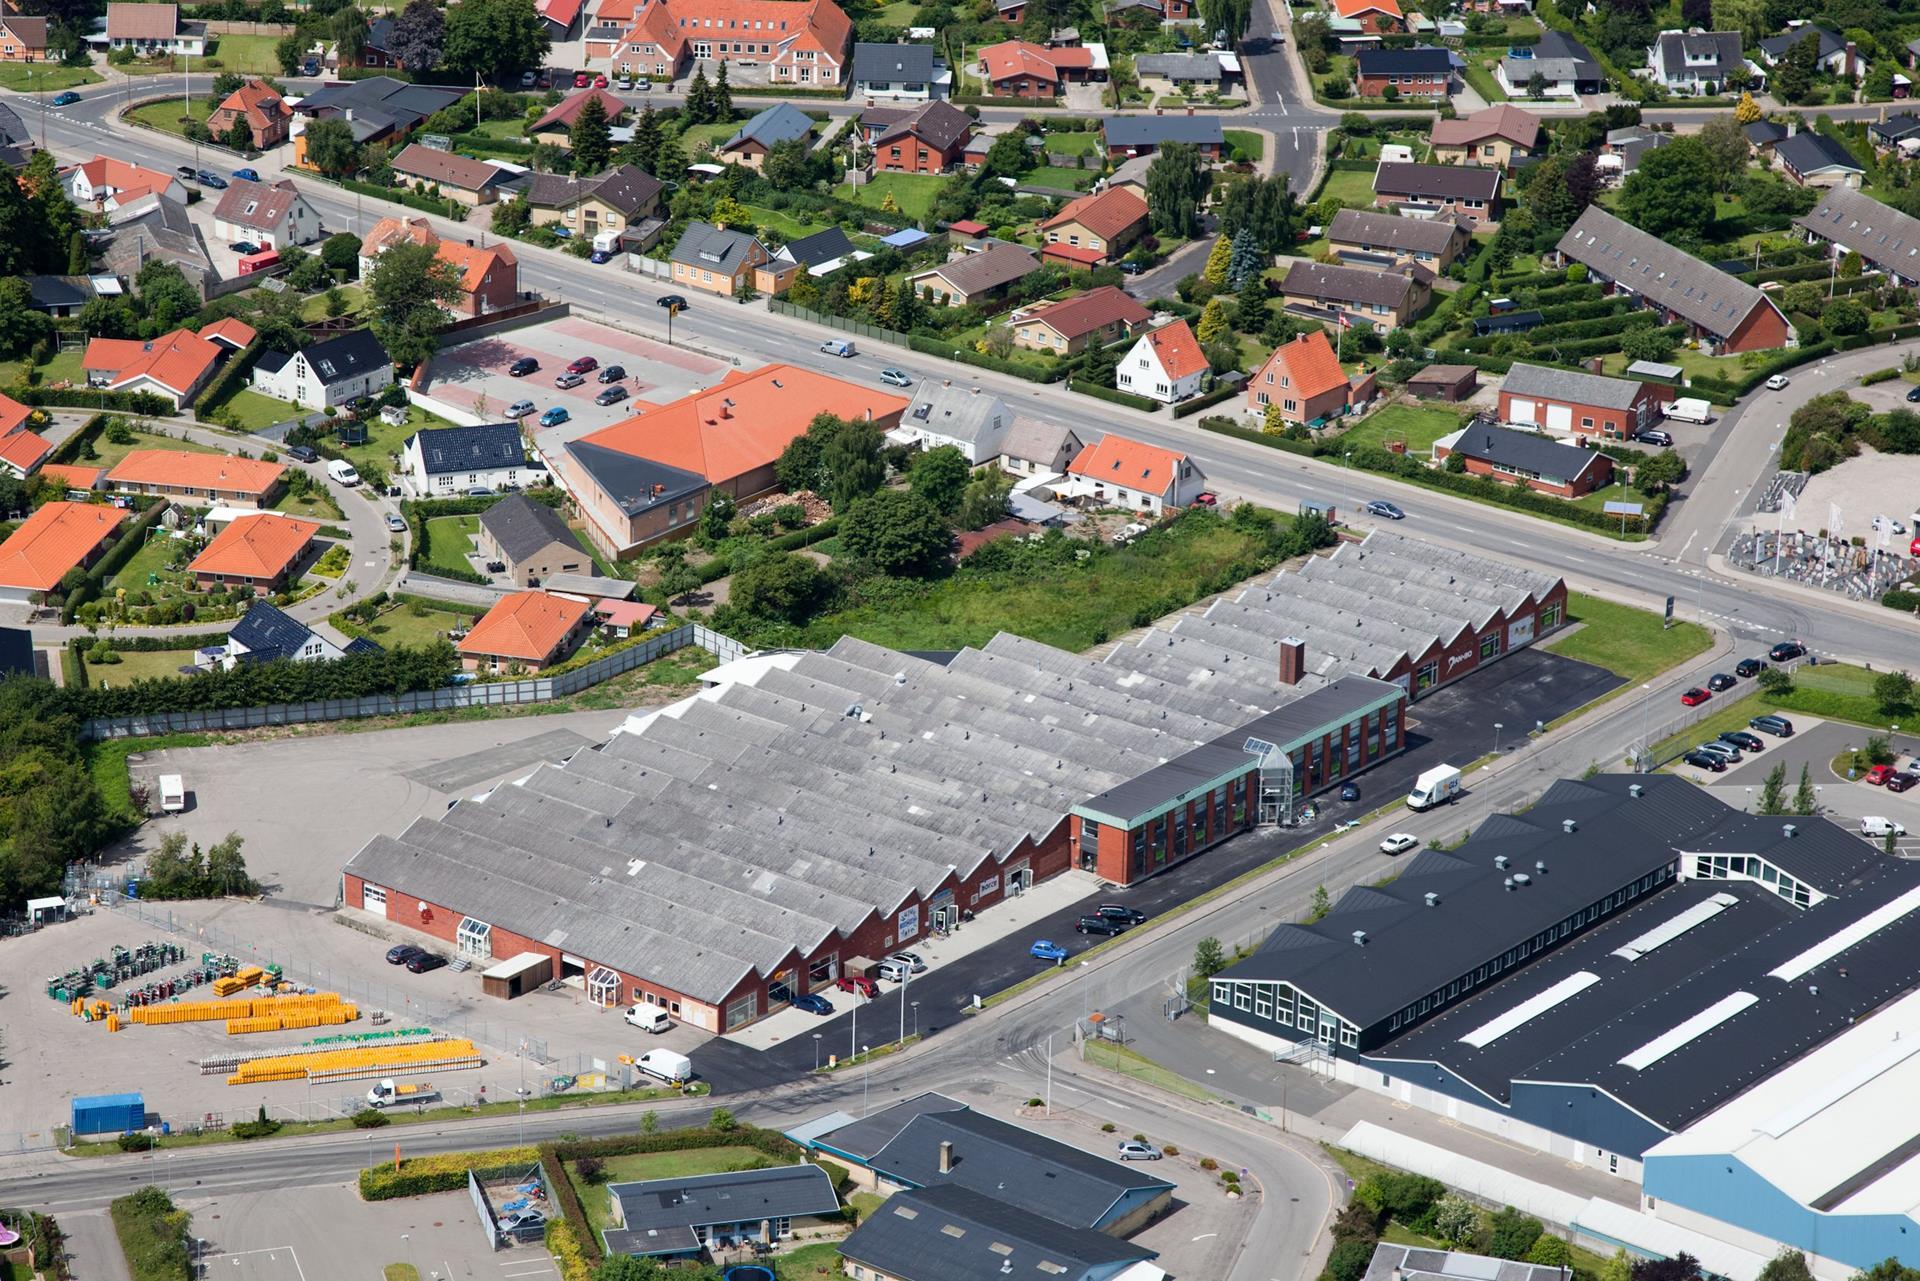 Bolig/erhverv på Kongstedvej i Slagelse - Andet